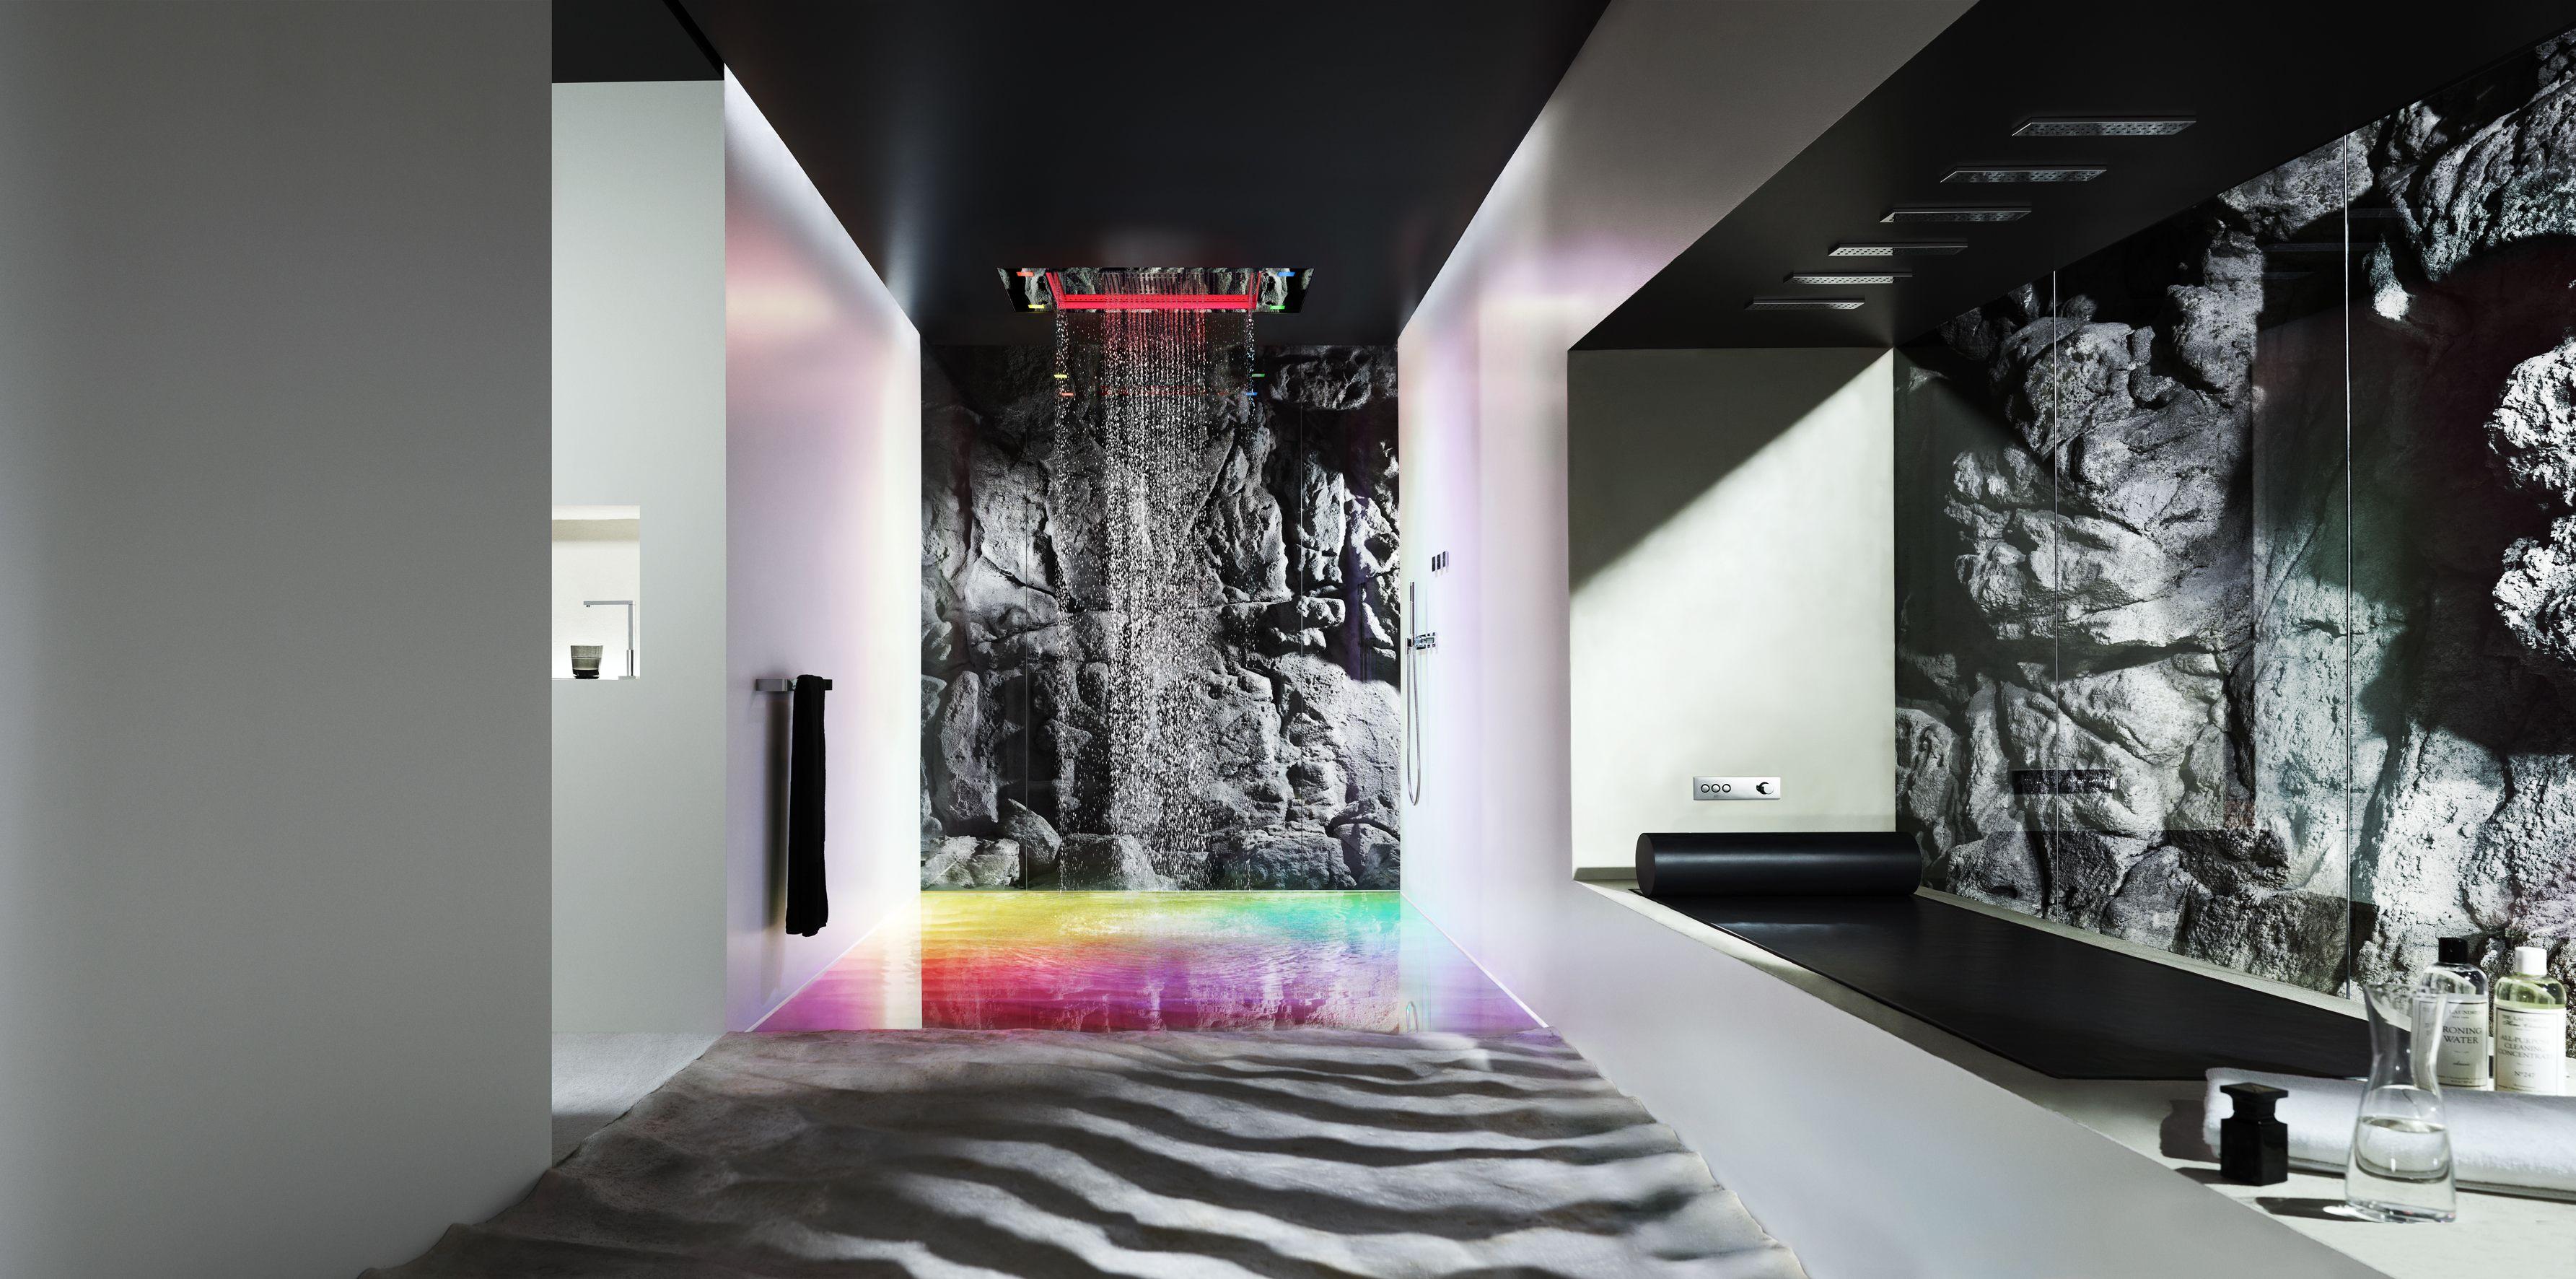 Sieger Design odpowiada także za wzornictwo najnowszych produktów firmy Dornbracht, takich jak np. prysznic Sensory Sky.  fot. Materiały prasowe